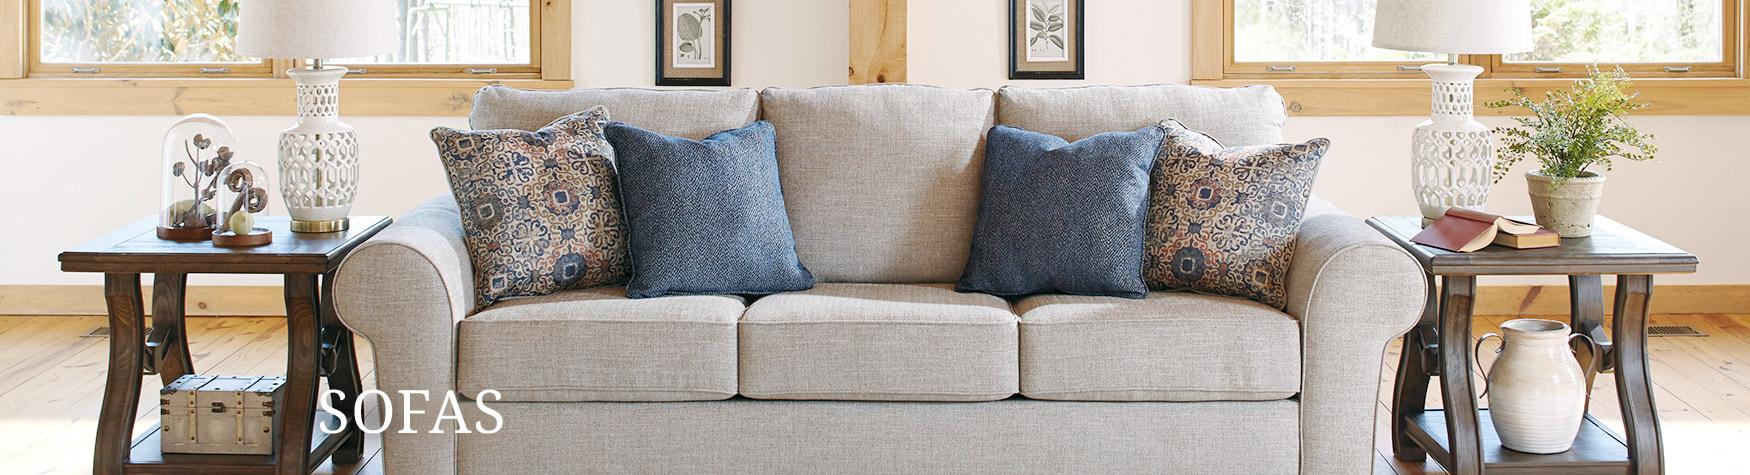 sofas-banner-1.jpg